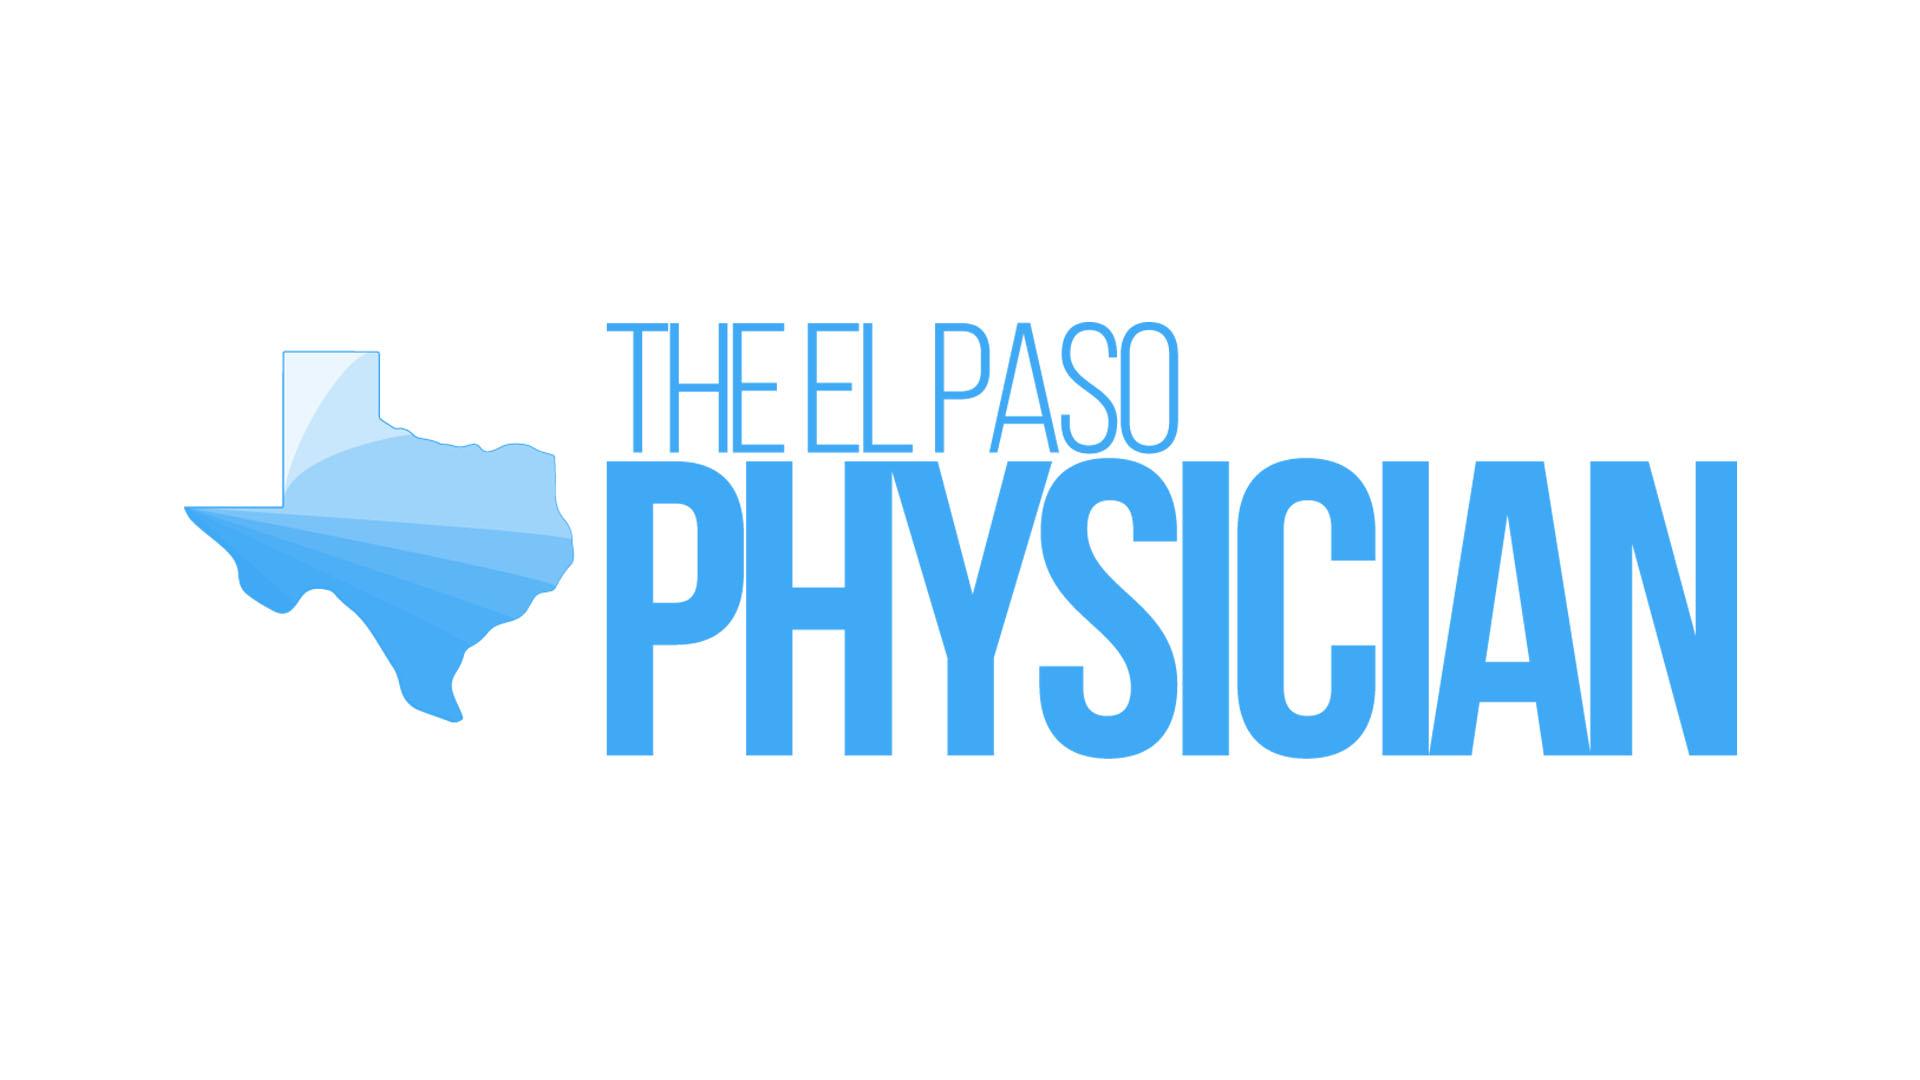 El Paso Physician